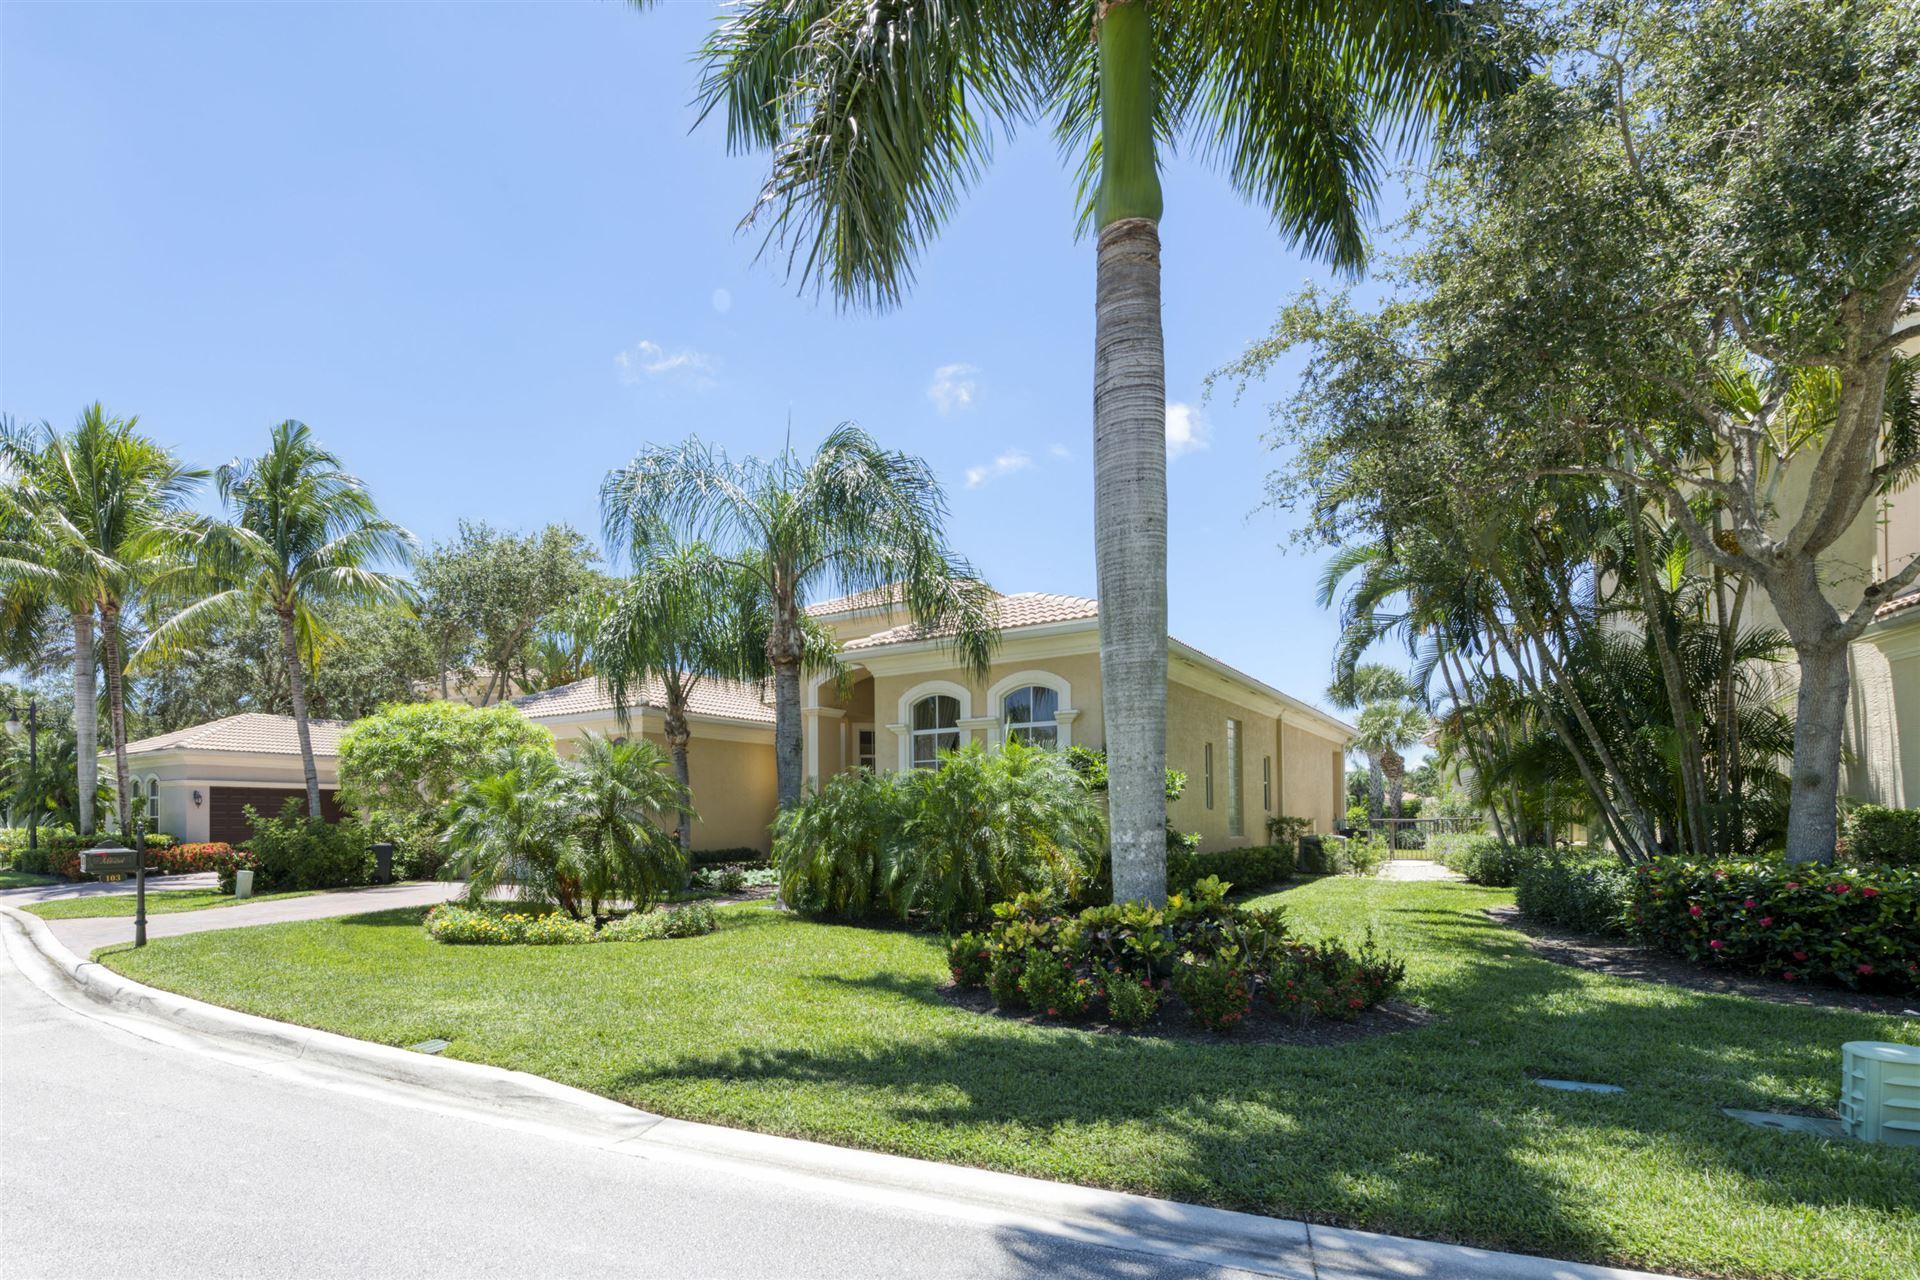 Photo of 103 Dalena Way, Palm Beach Gardens, FL 33418 (MLS # RX-10644734)